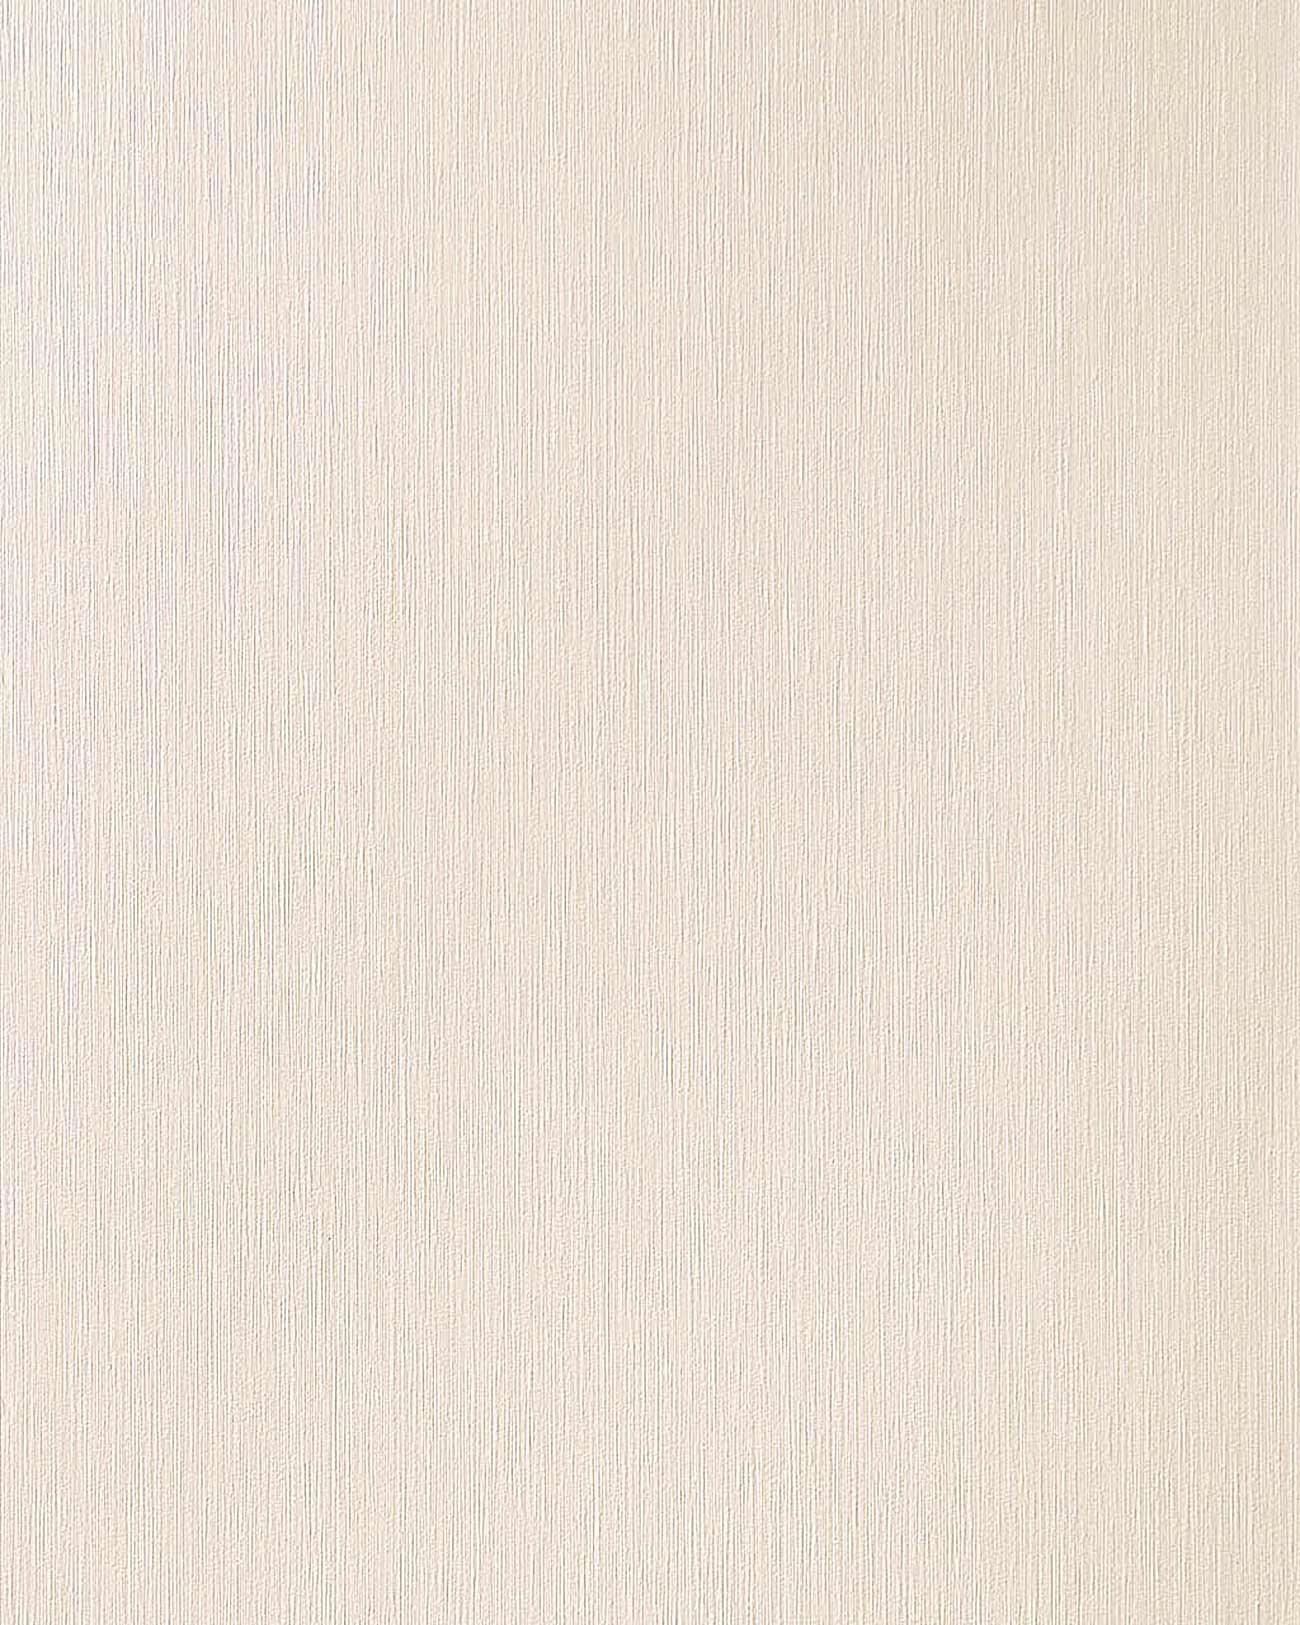 Edem 141 00 elegant fine striped vinyl wallpaper plain for Plain wallpaper for walls